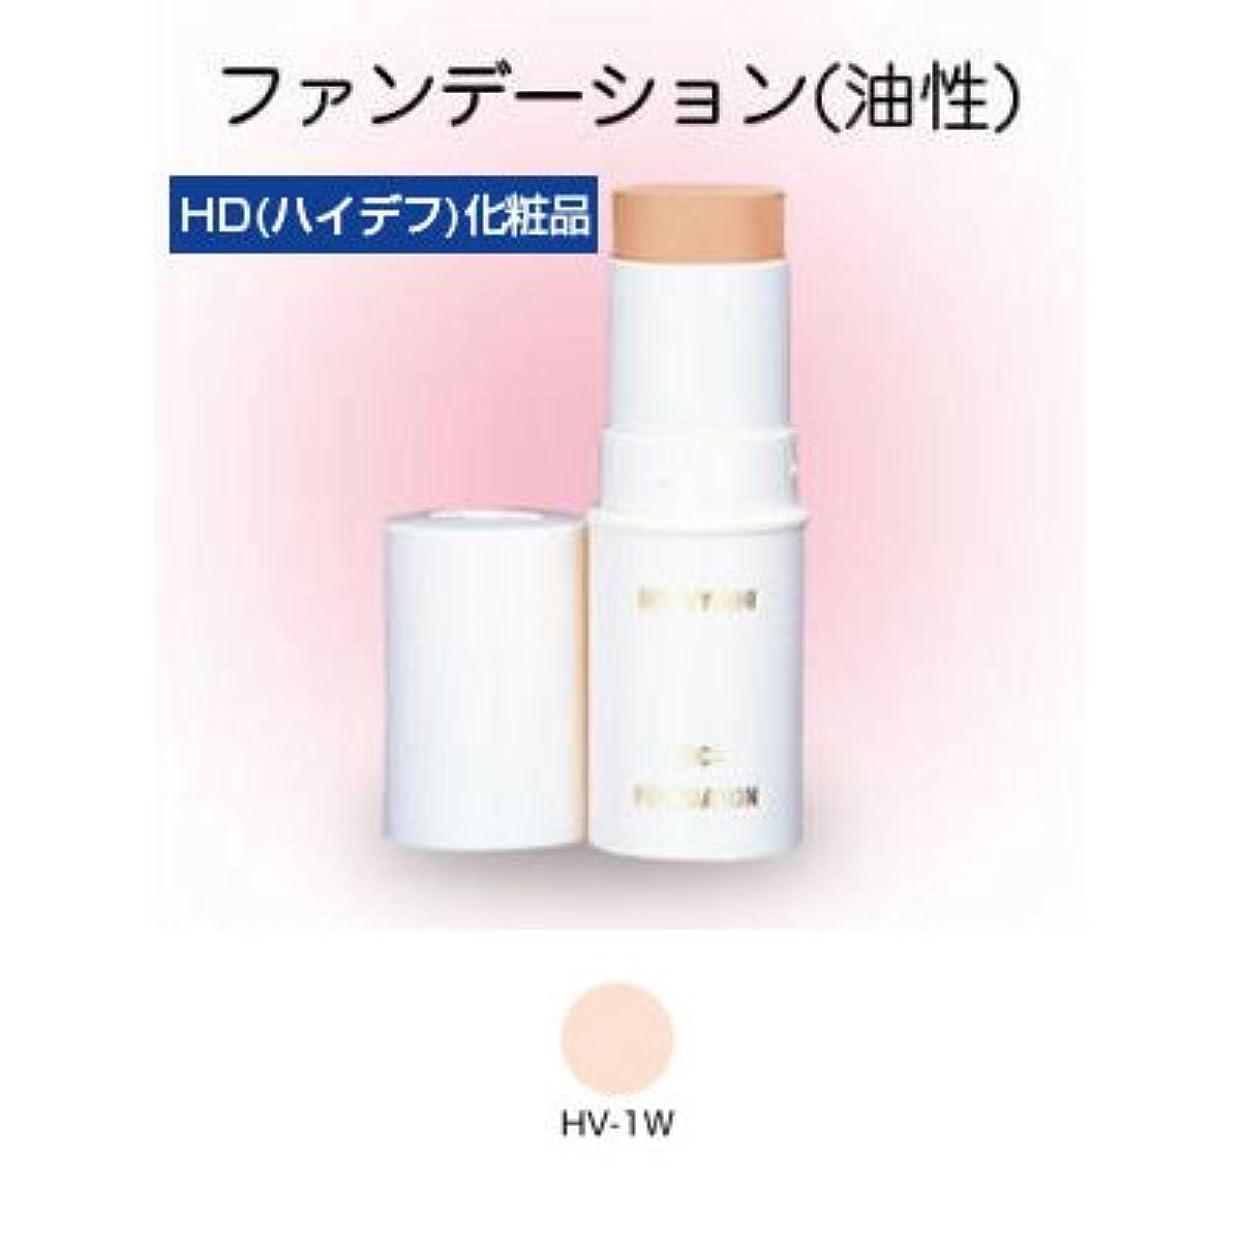 ゴシップ極小批判するスティックファンデーション HD化粧品 17g 1W 【三善】